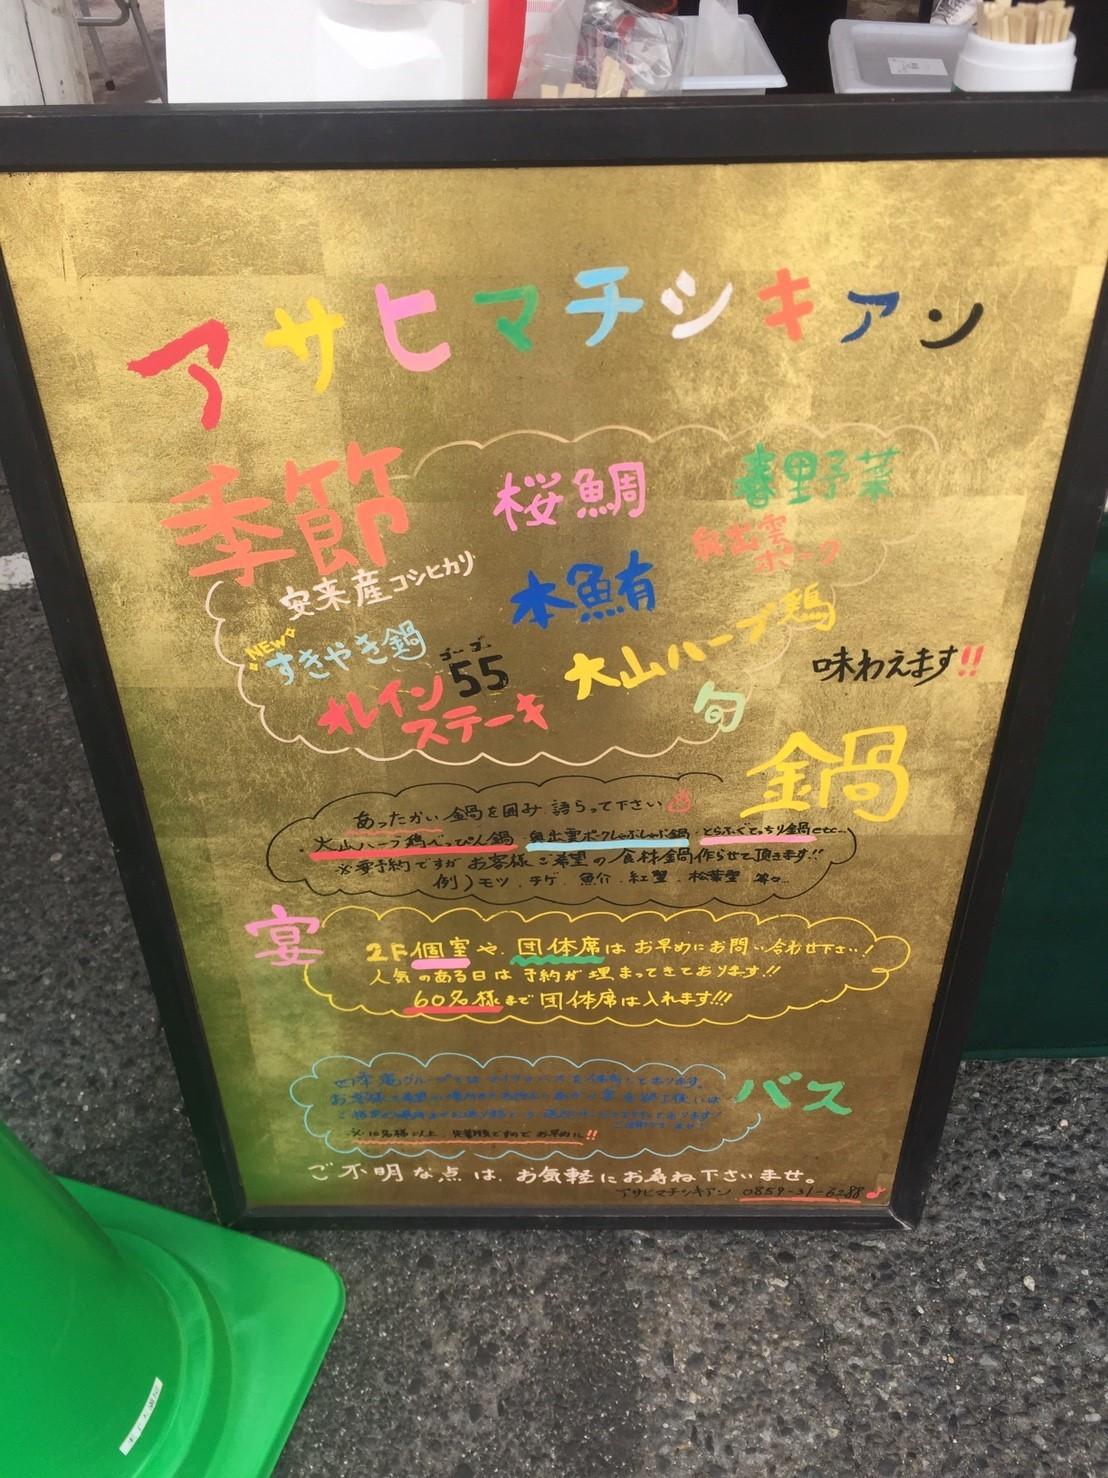 ラーメン放浪記 31  よなごマルシェ らーめん博 vol.2_e0115904_15074838.jpg